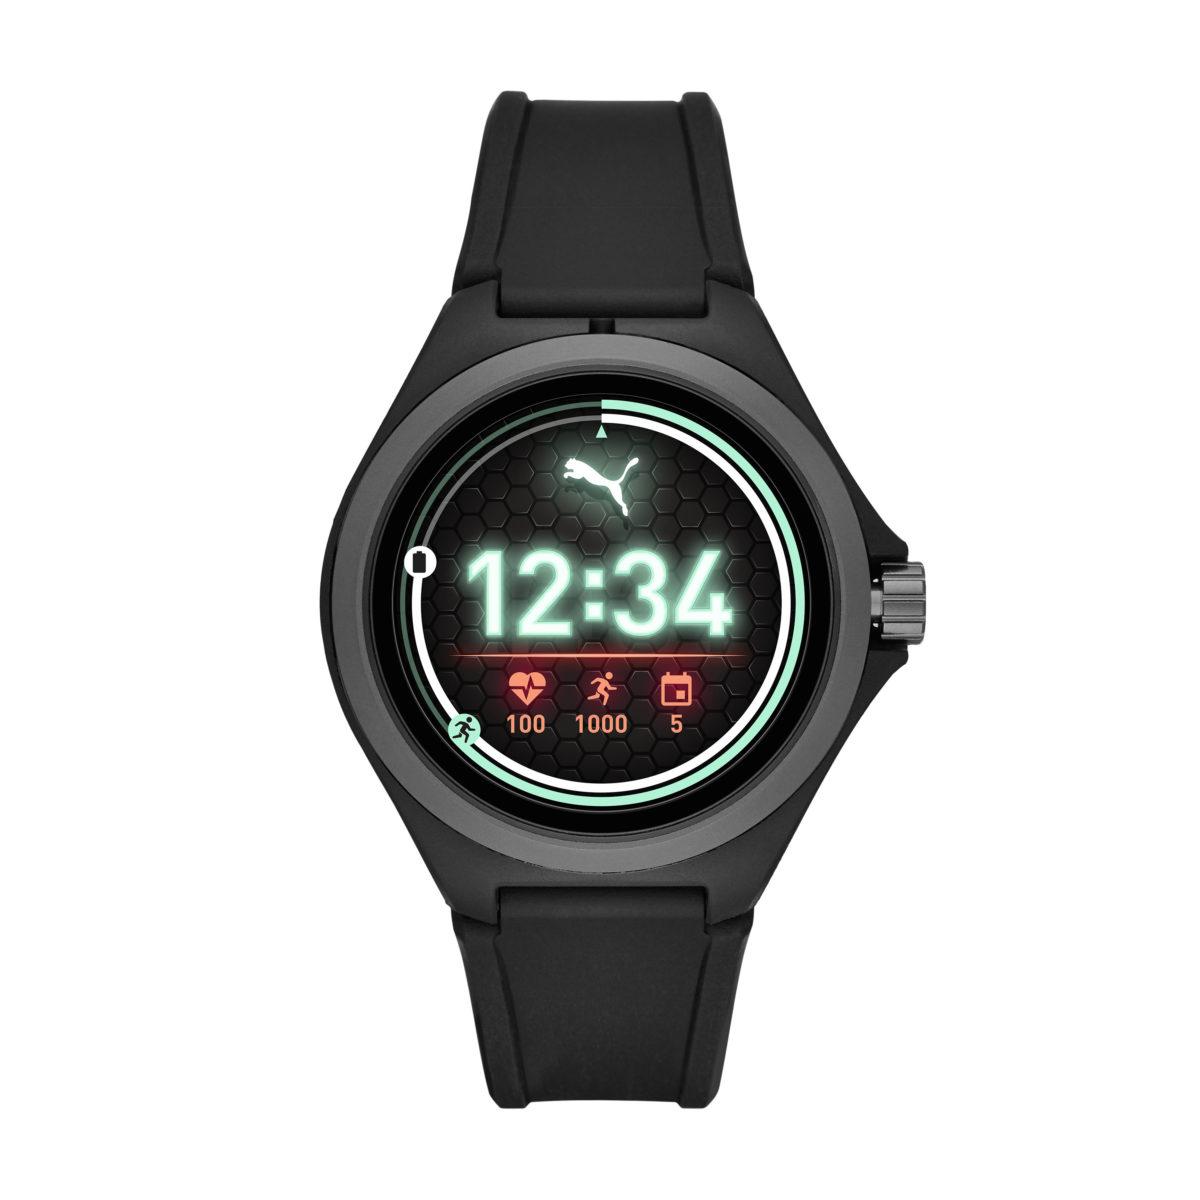 Pierwszy smartwatch Pumy ma Wear OS, przeciętną specyfikację i pojawił się za późno 21